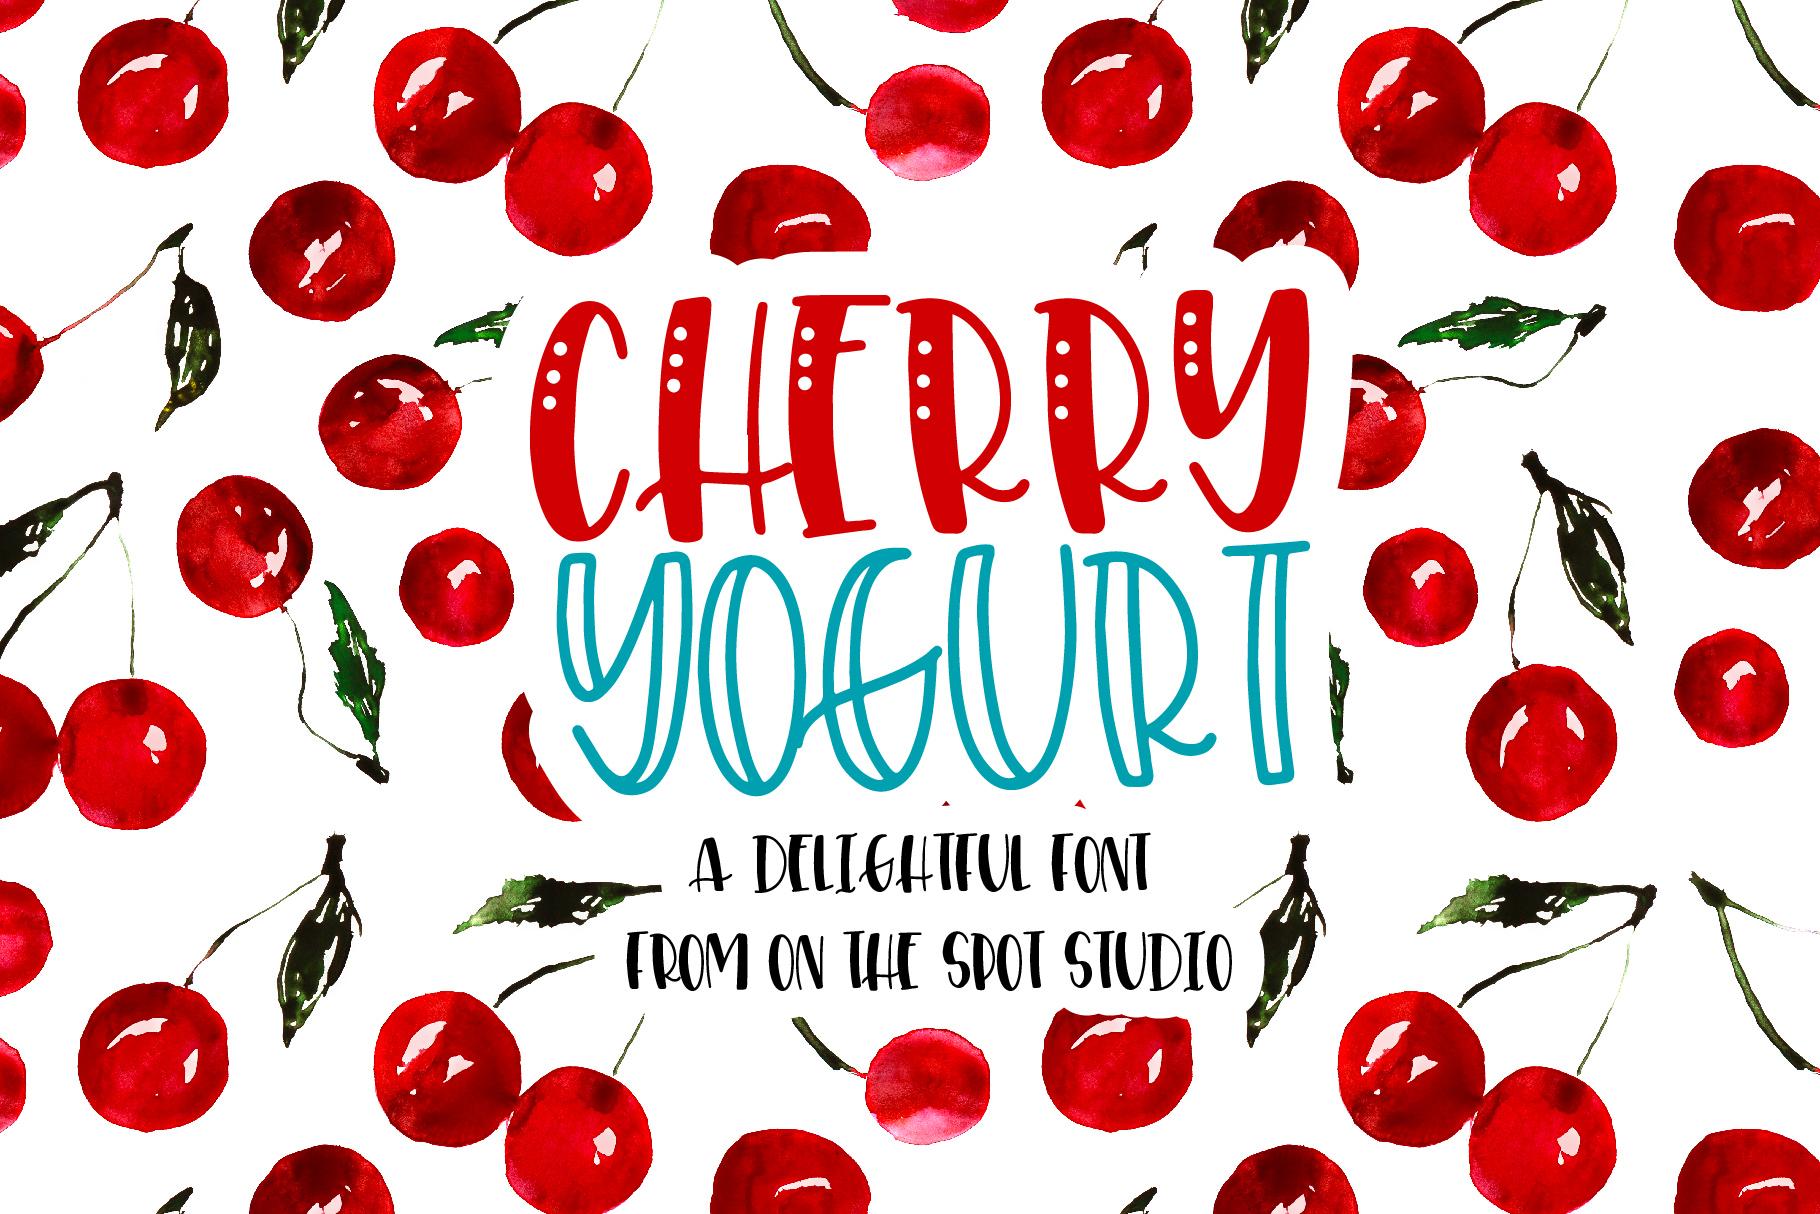 Cherry Yogurt example image 1